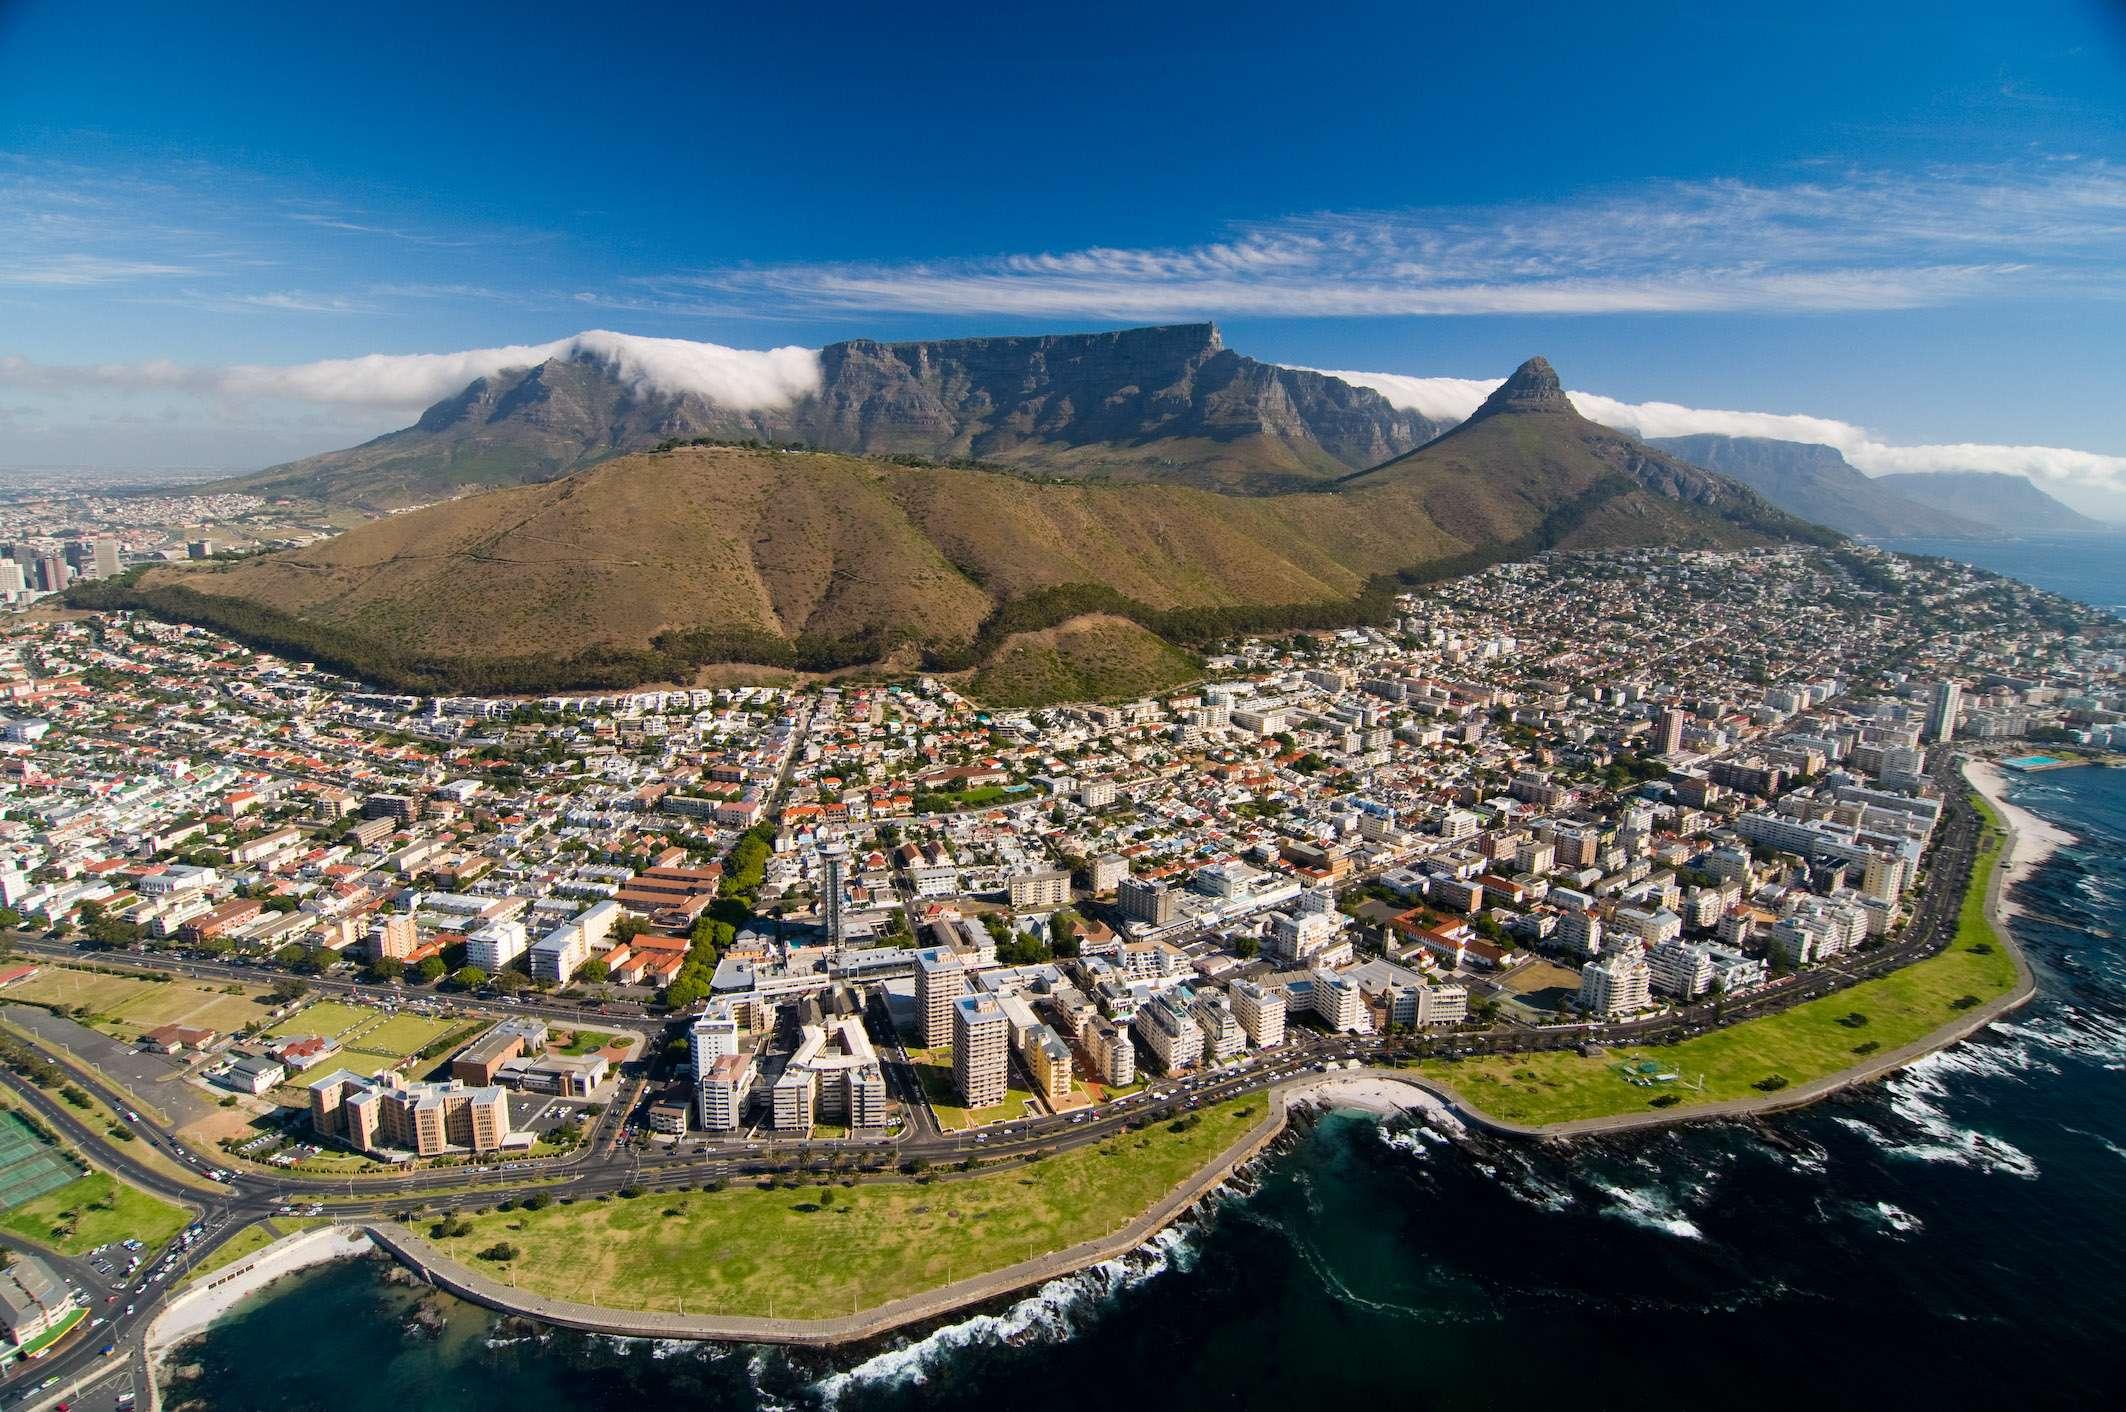 Blick auf Kapstadt von Helikopter aus, © Dirk Bleyer